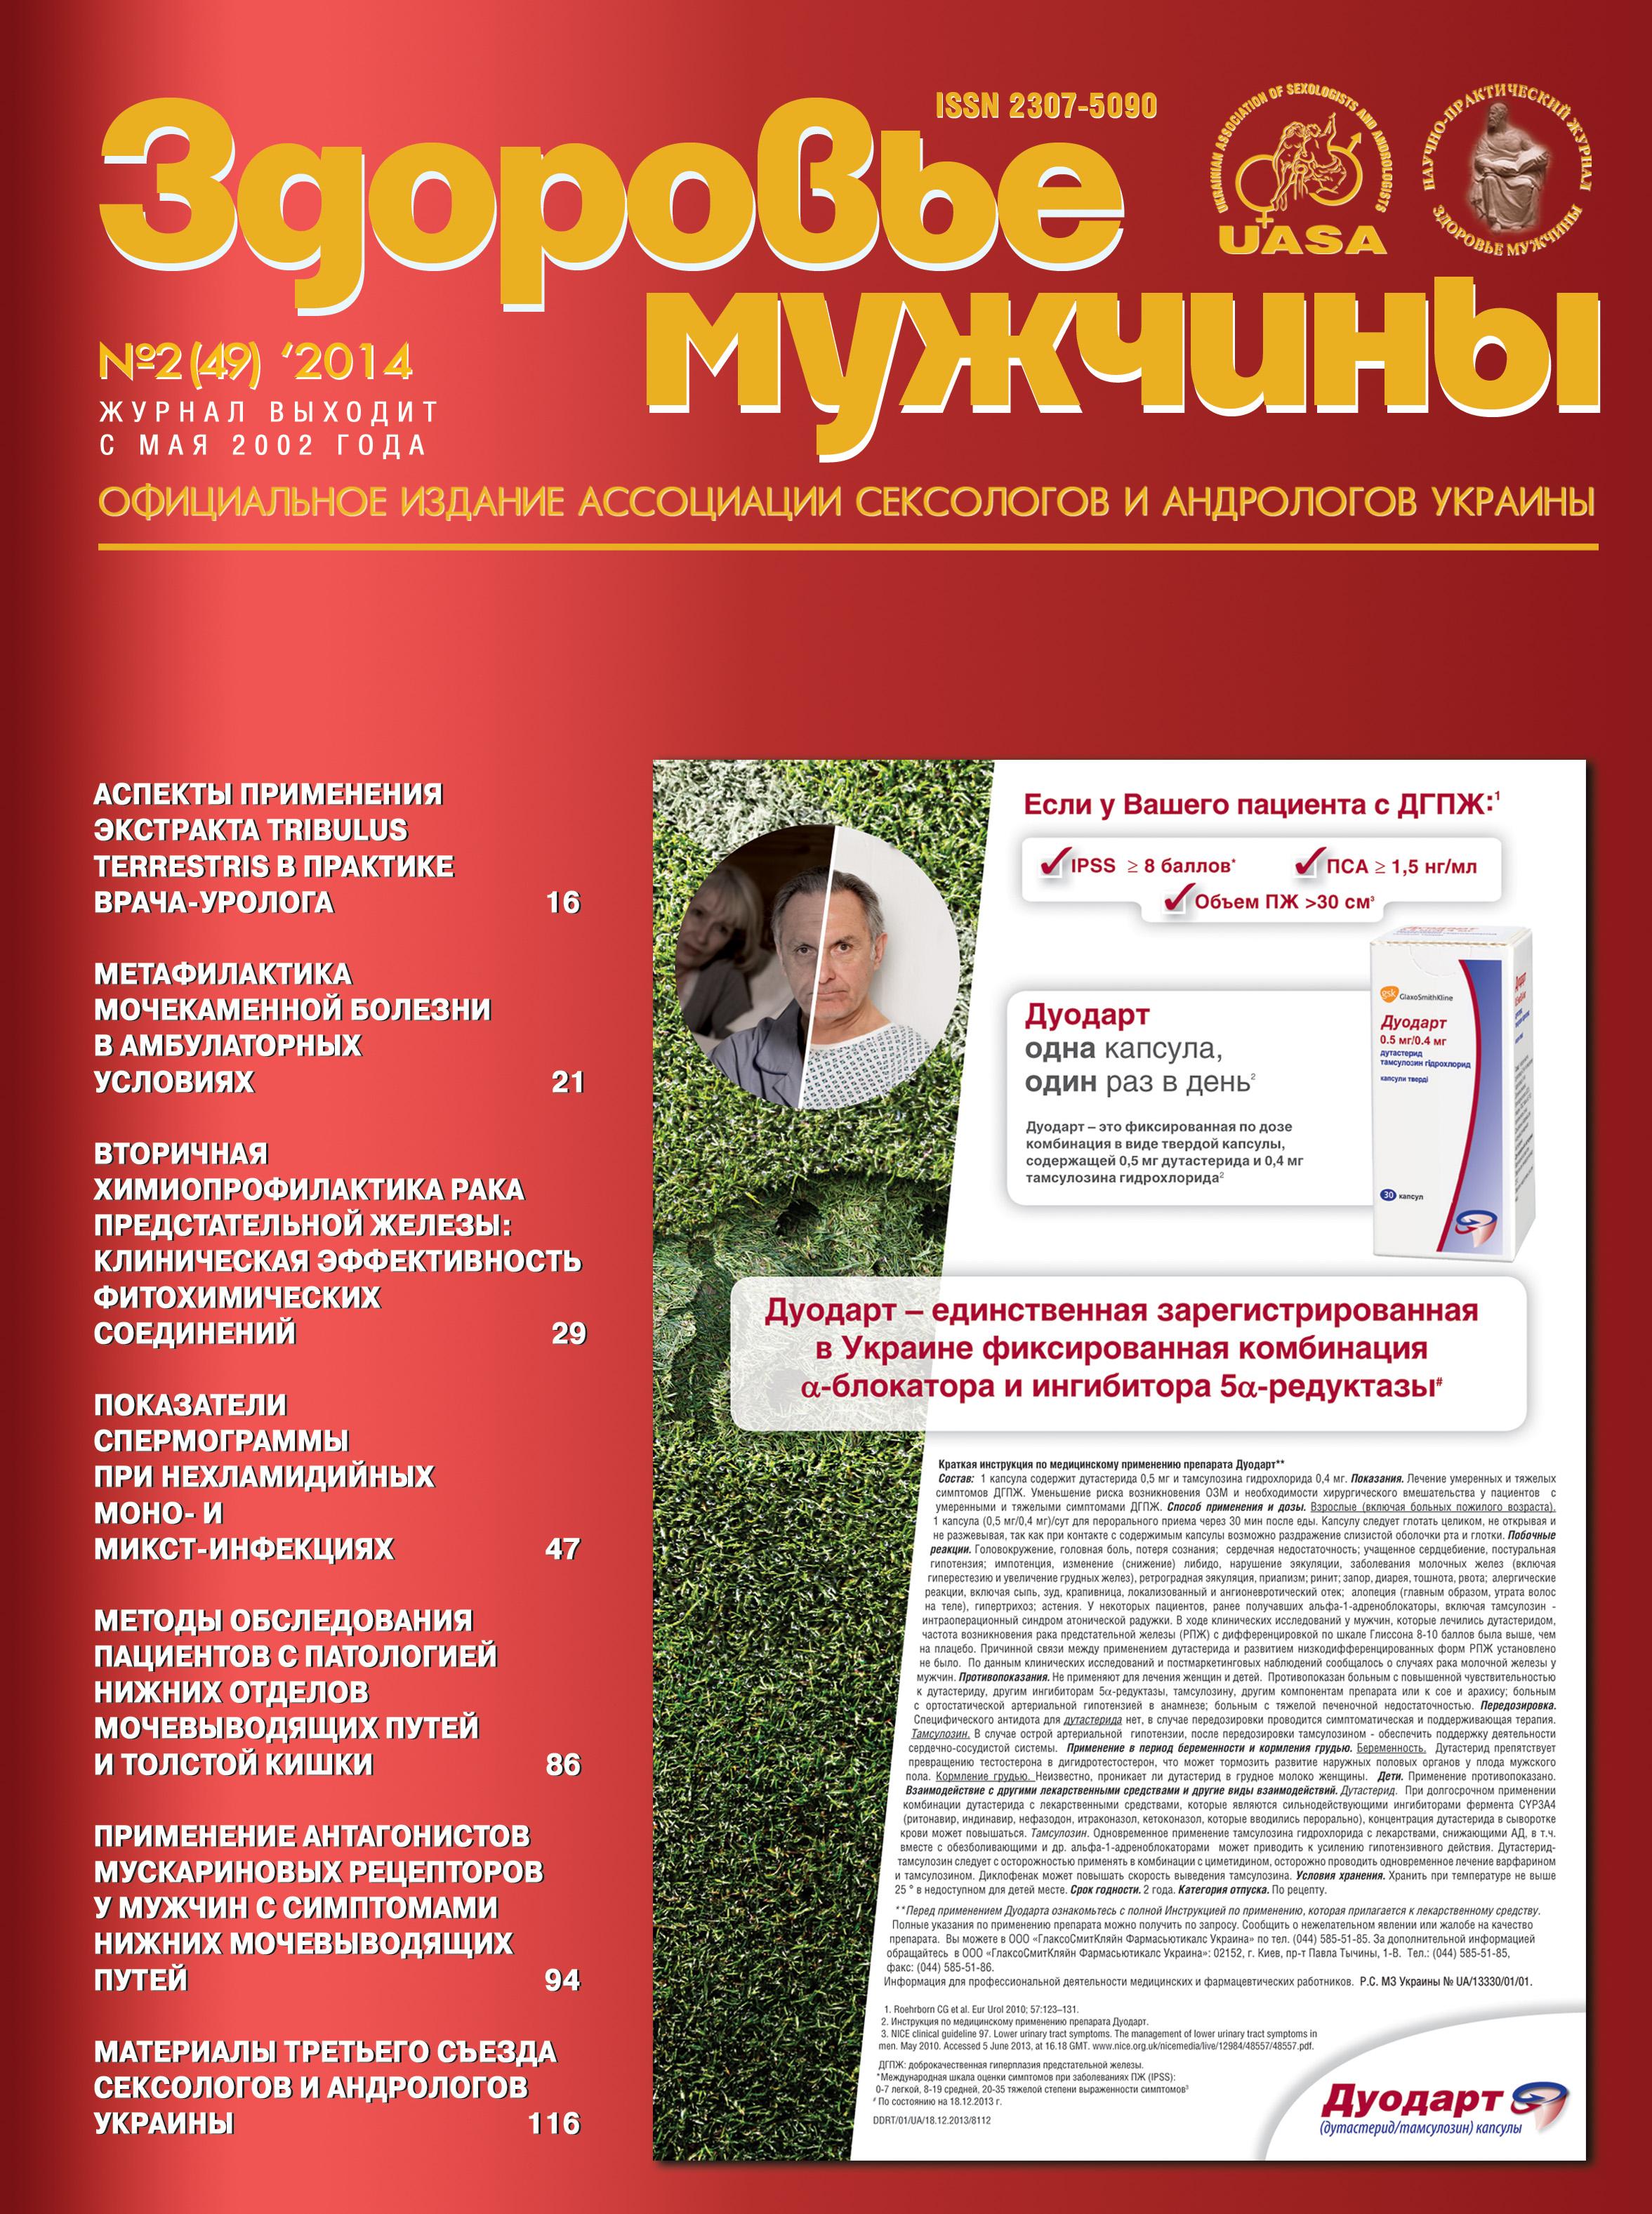 Урология » Научно-практический журнал